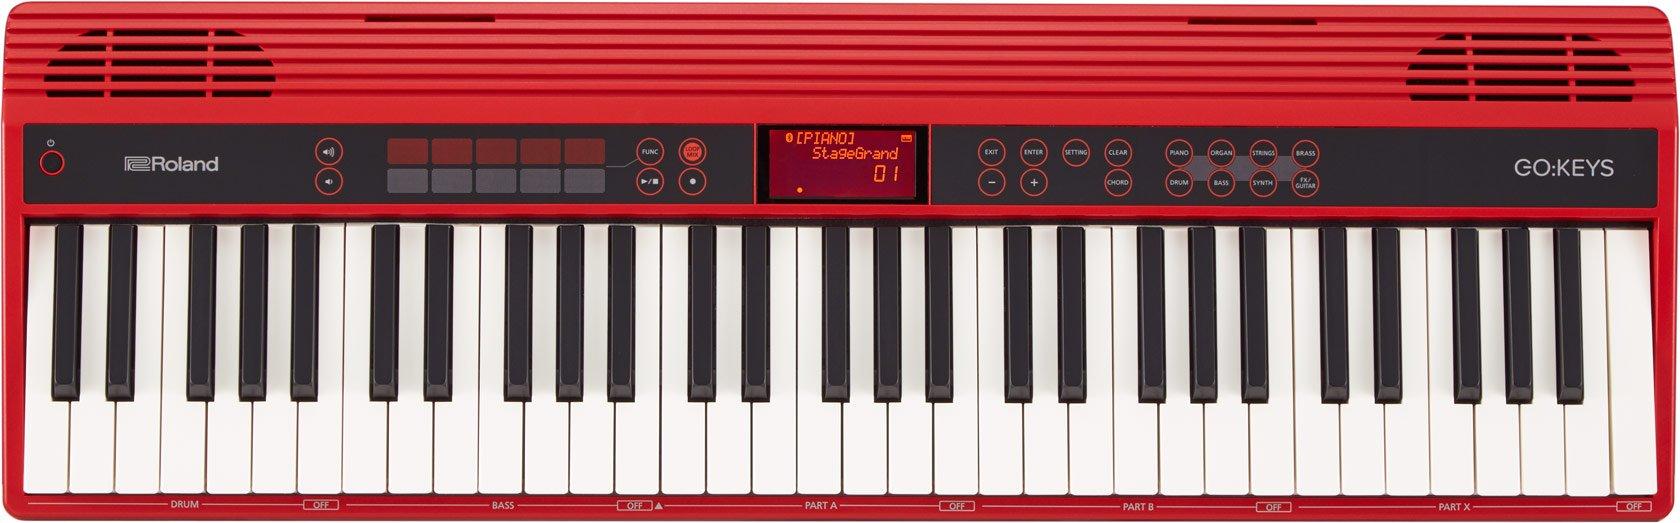 Roland Go:Keys - Music Creation Keyboard